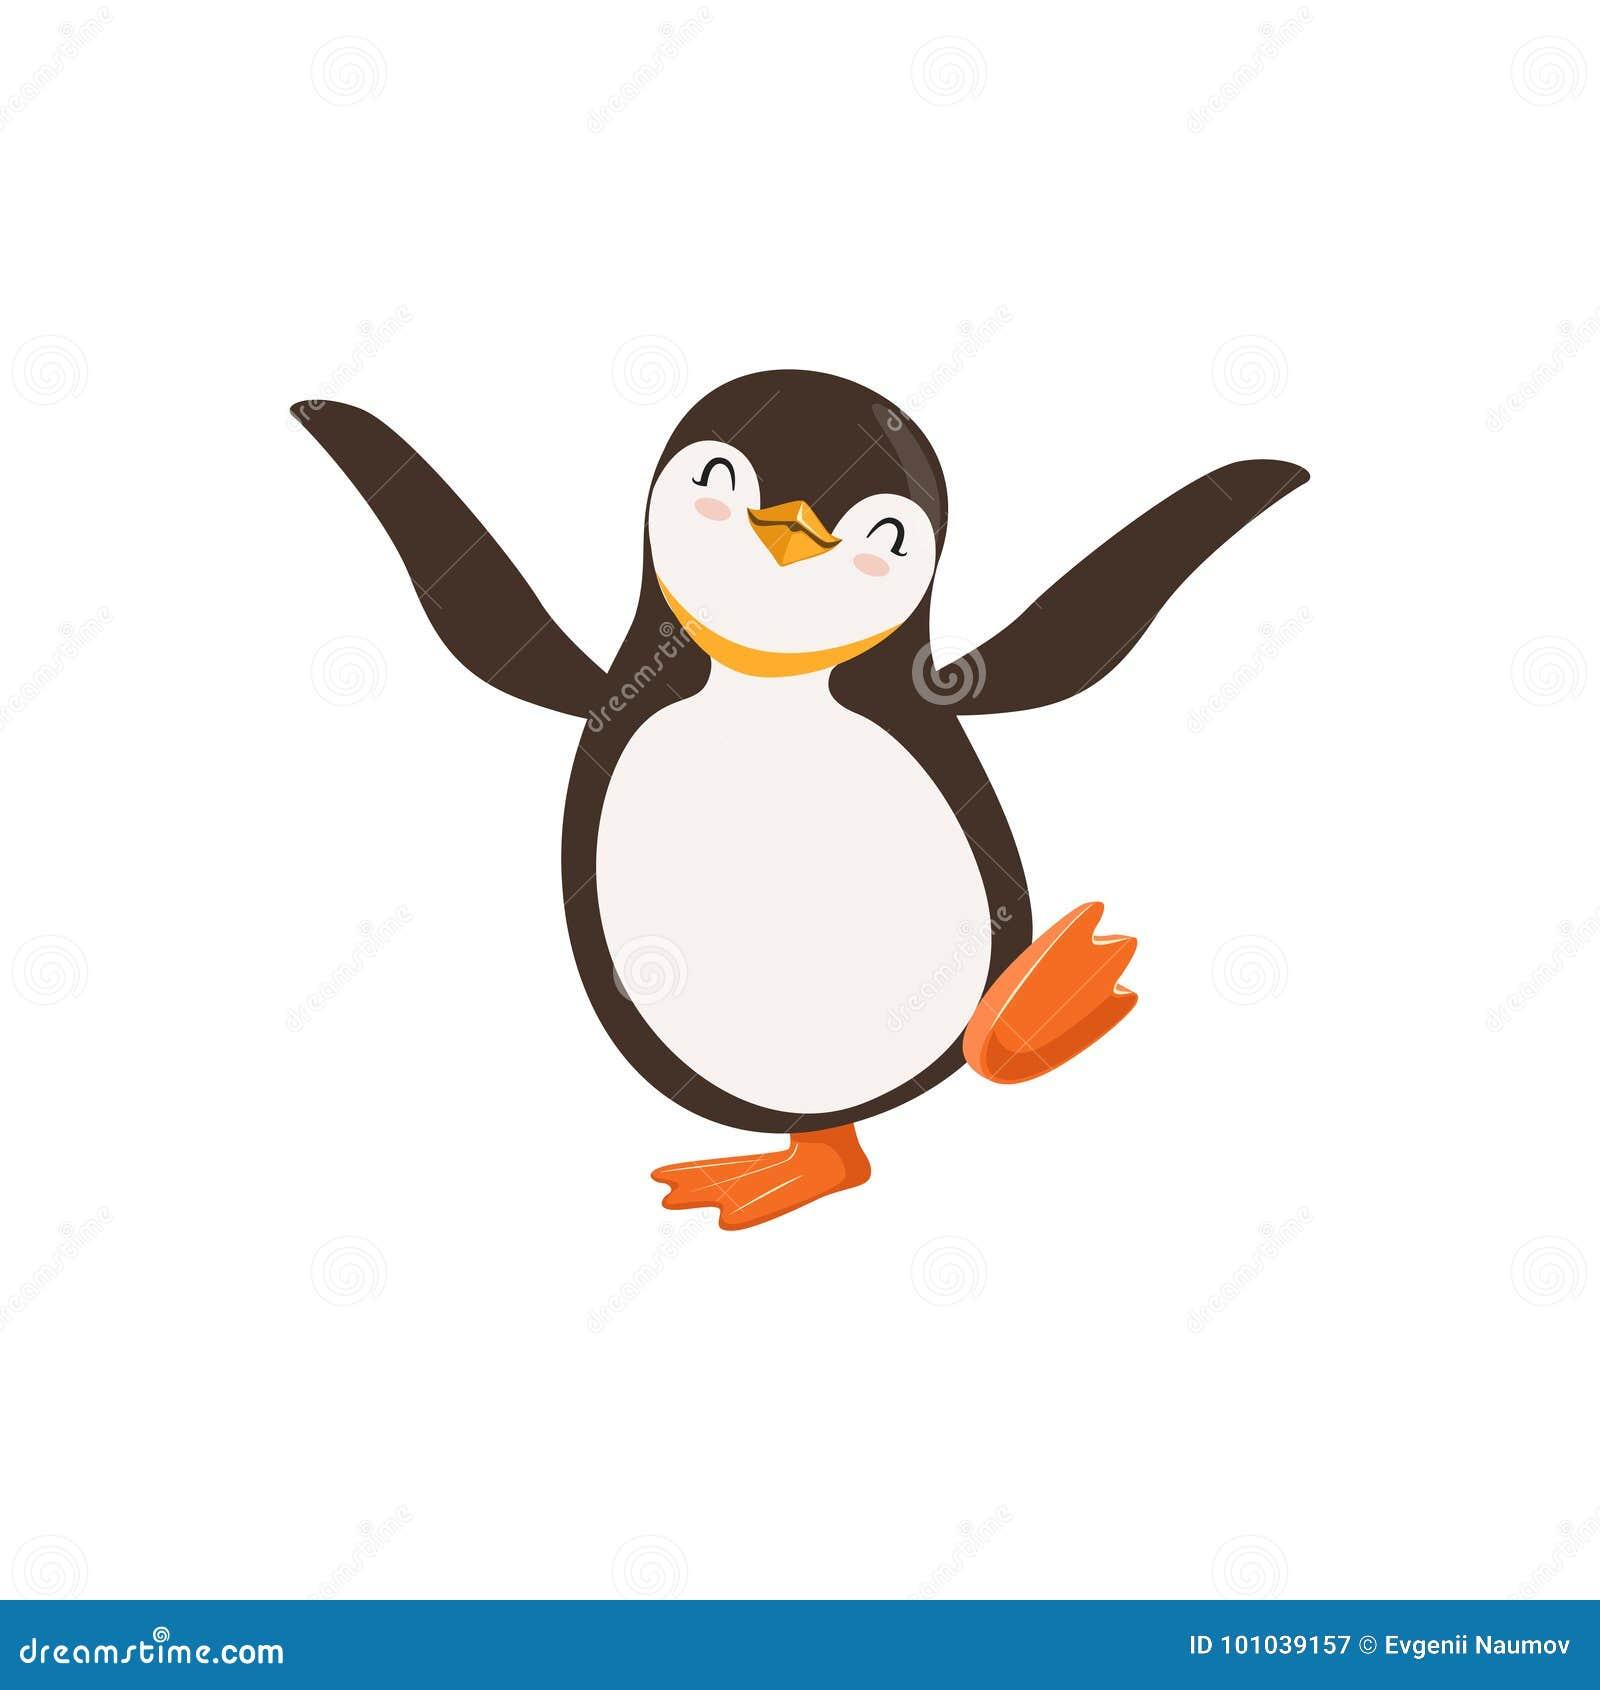 Les yeux heureux de Toon Character Dancing With Its de pingouin de vecteur mignon se sont fermés sur un fond blanc